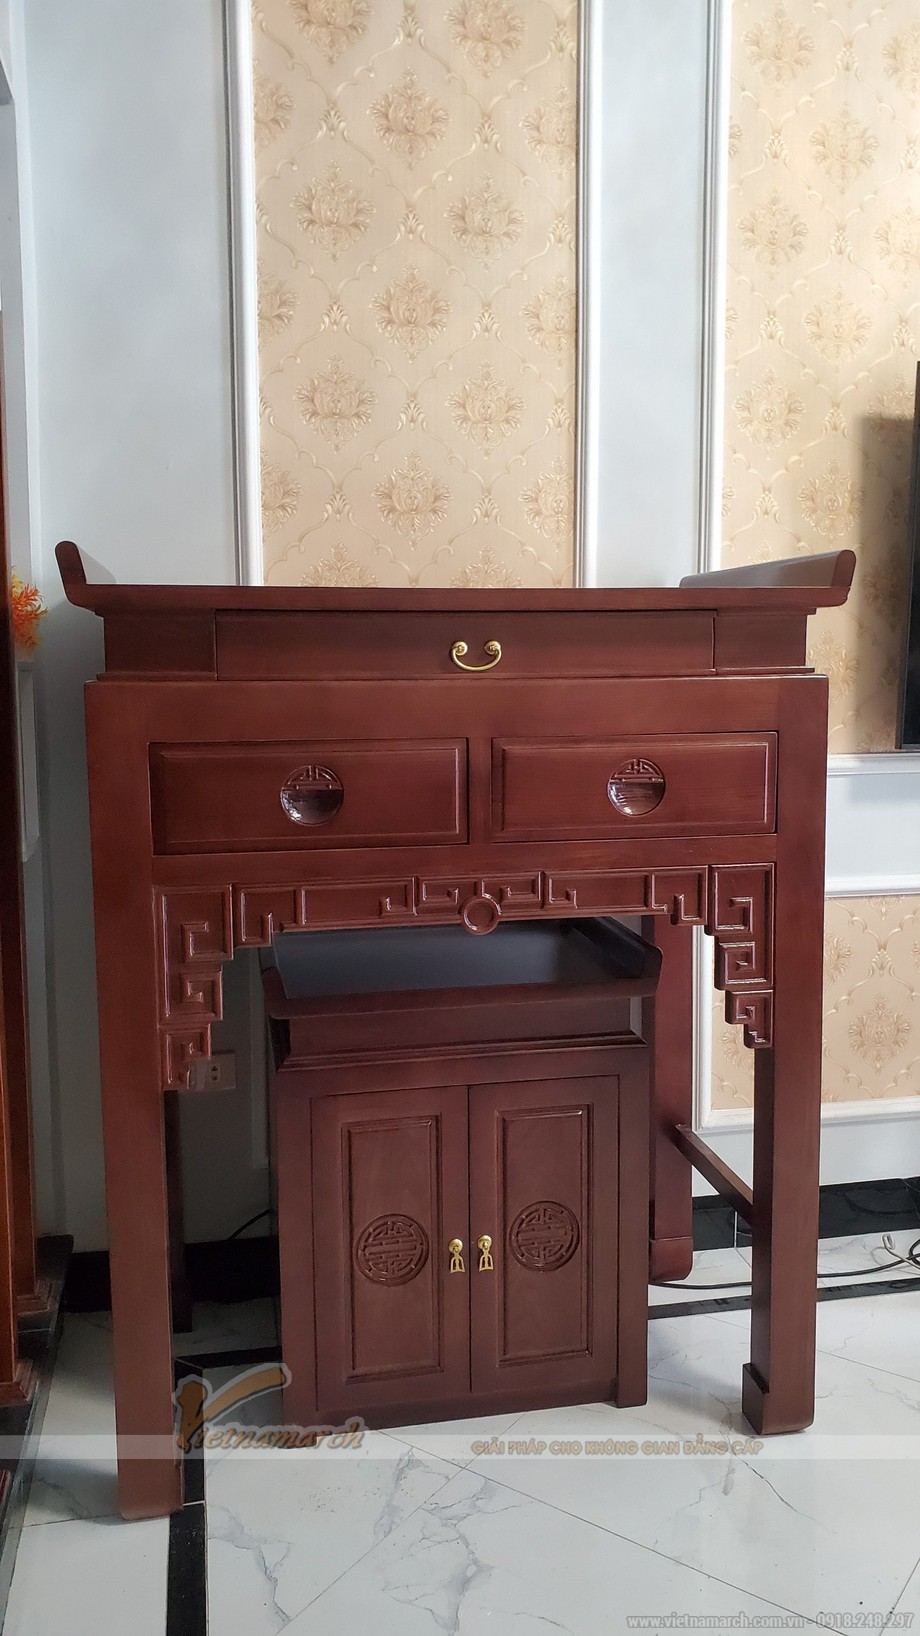 Lắp đặt bàn thờ đứng gỗ sồi màu óc chó kt 107x61x127 tại Hoài Đức – Hà Nội